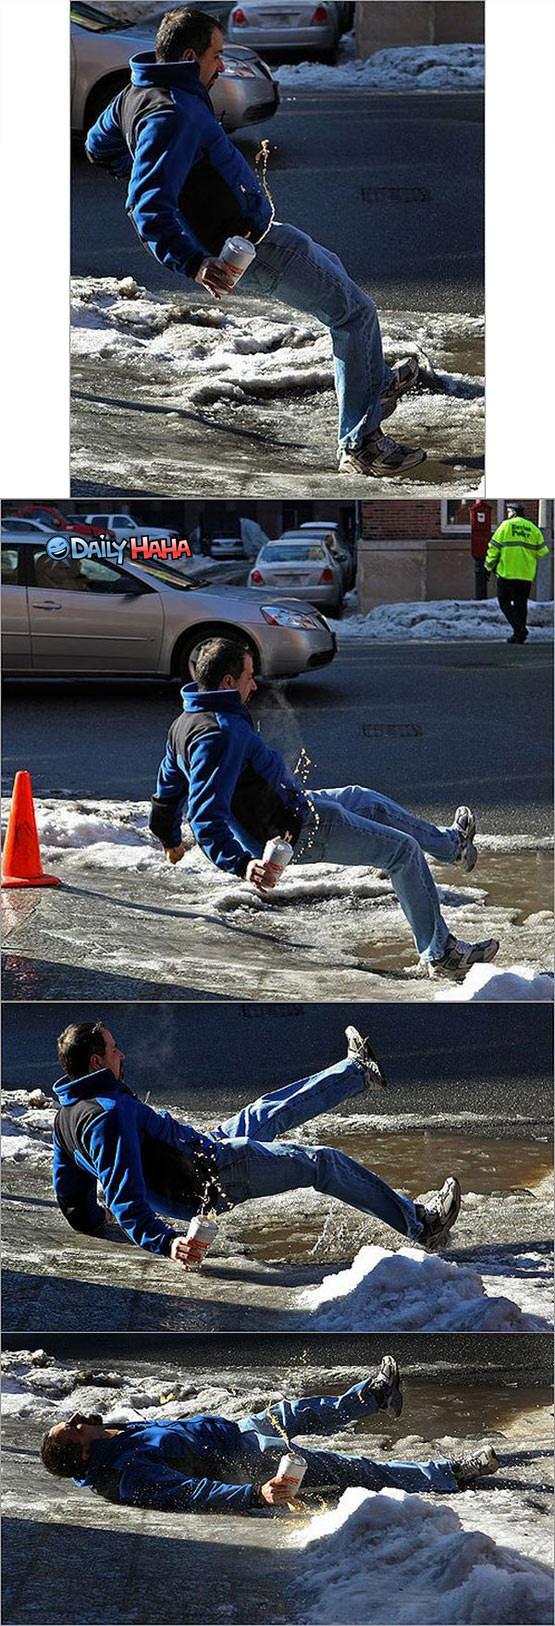 funny fails and falls - photo #20